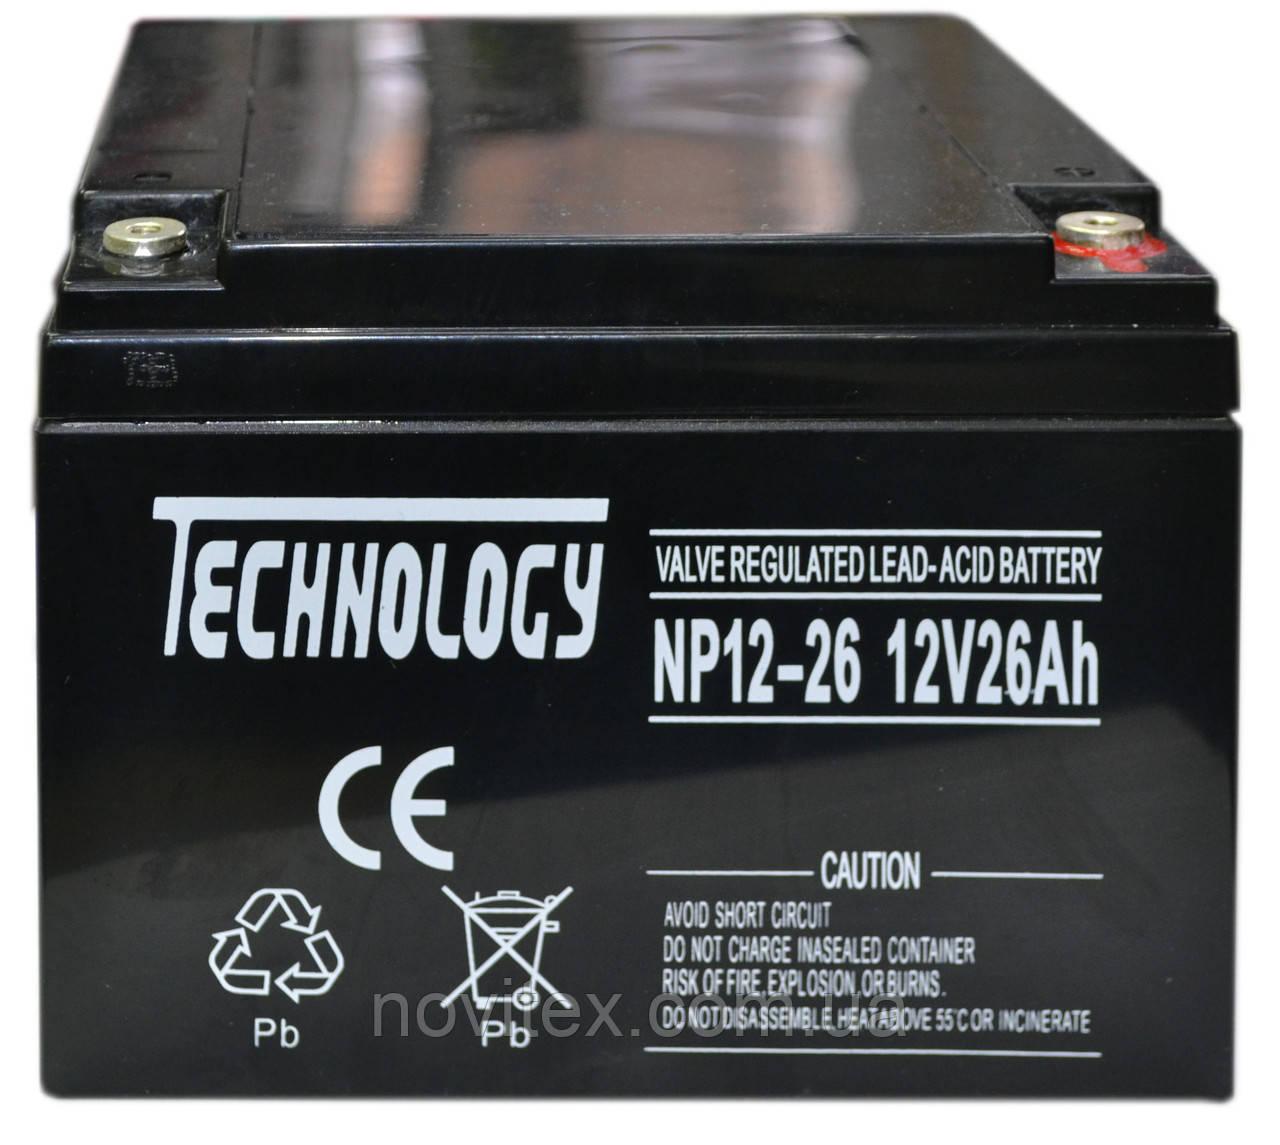 Аккумулятор мультигелевый TECHNOLOGY NP12-26Ah 12V 26AH